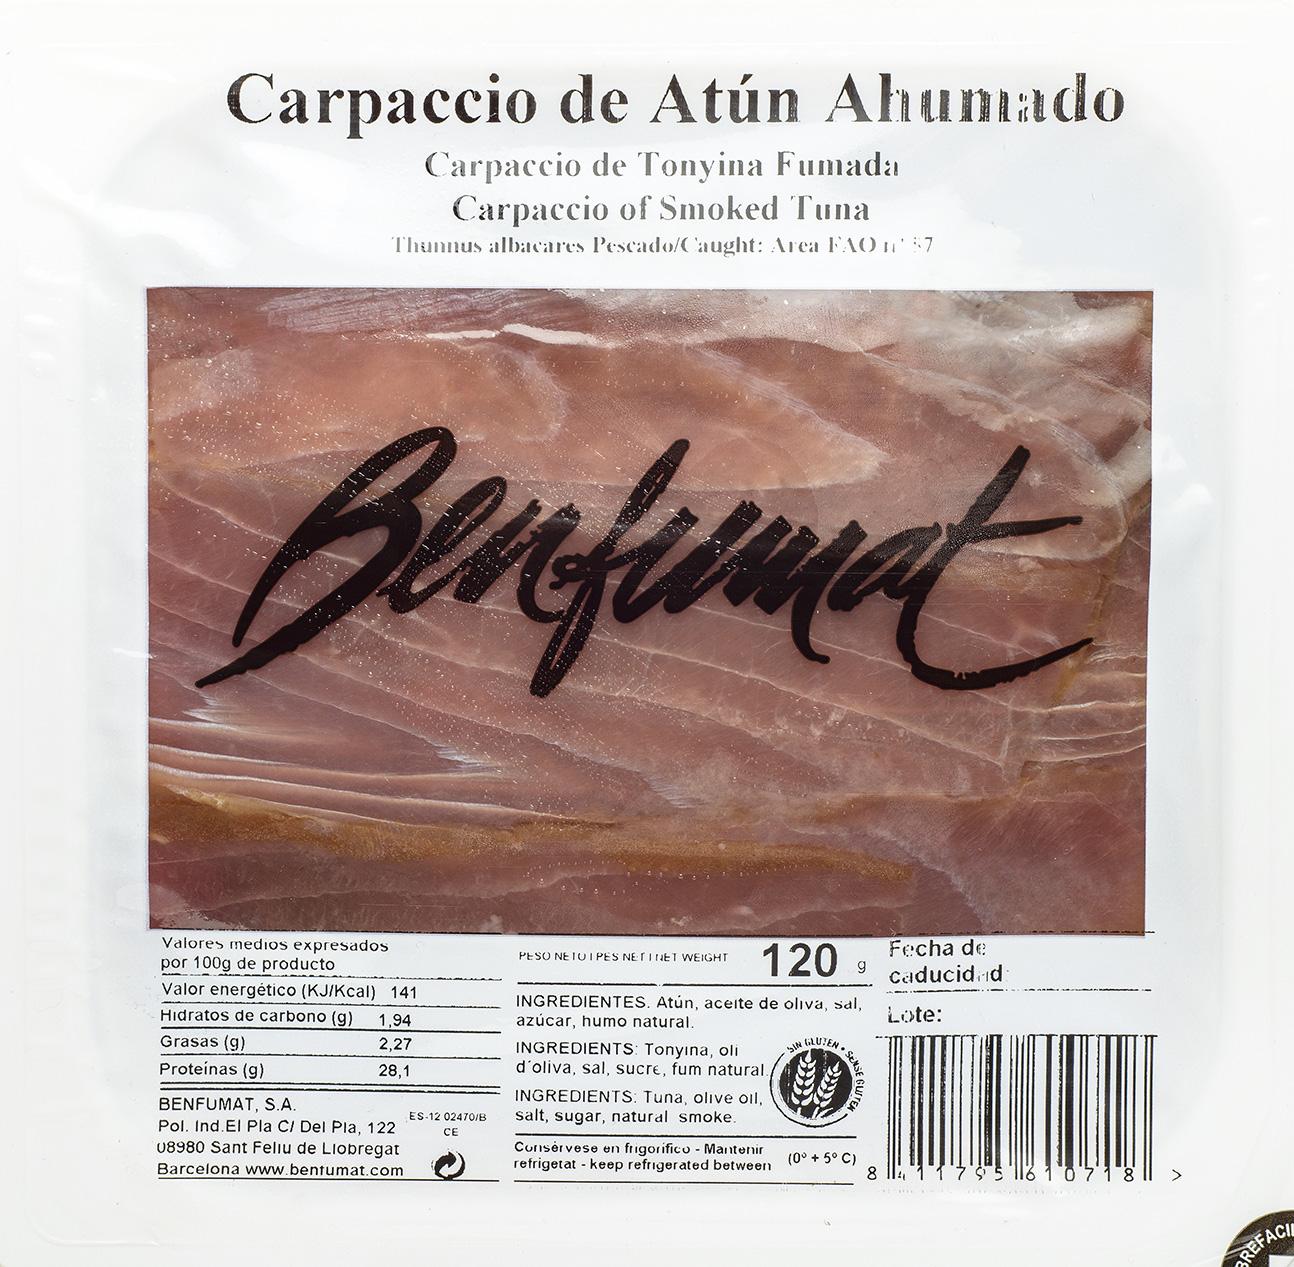 Atún Ah. Carpaccio en Aceite Oliva 120gr